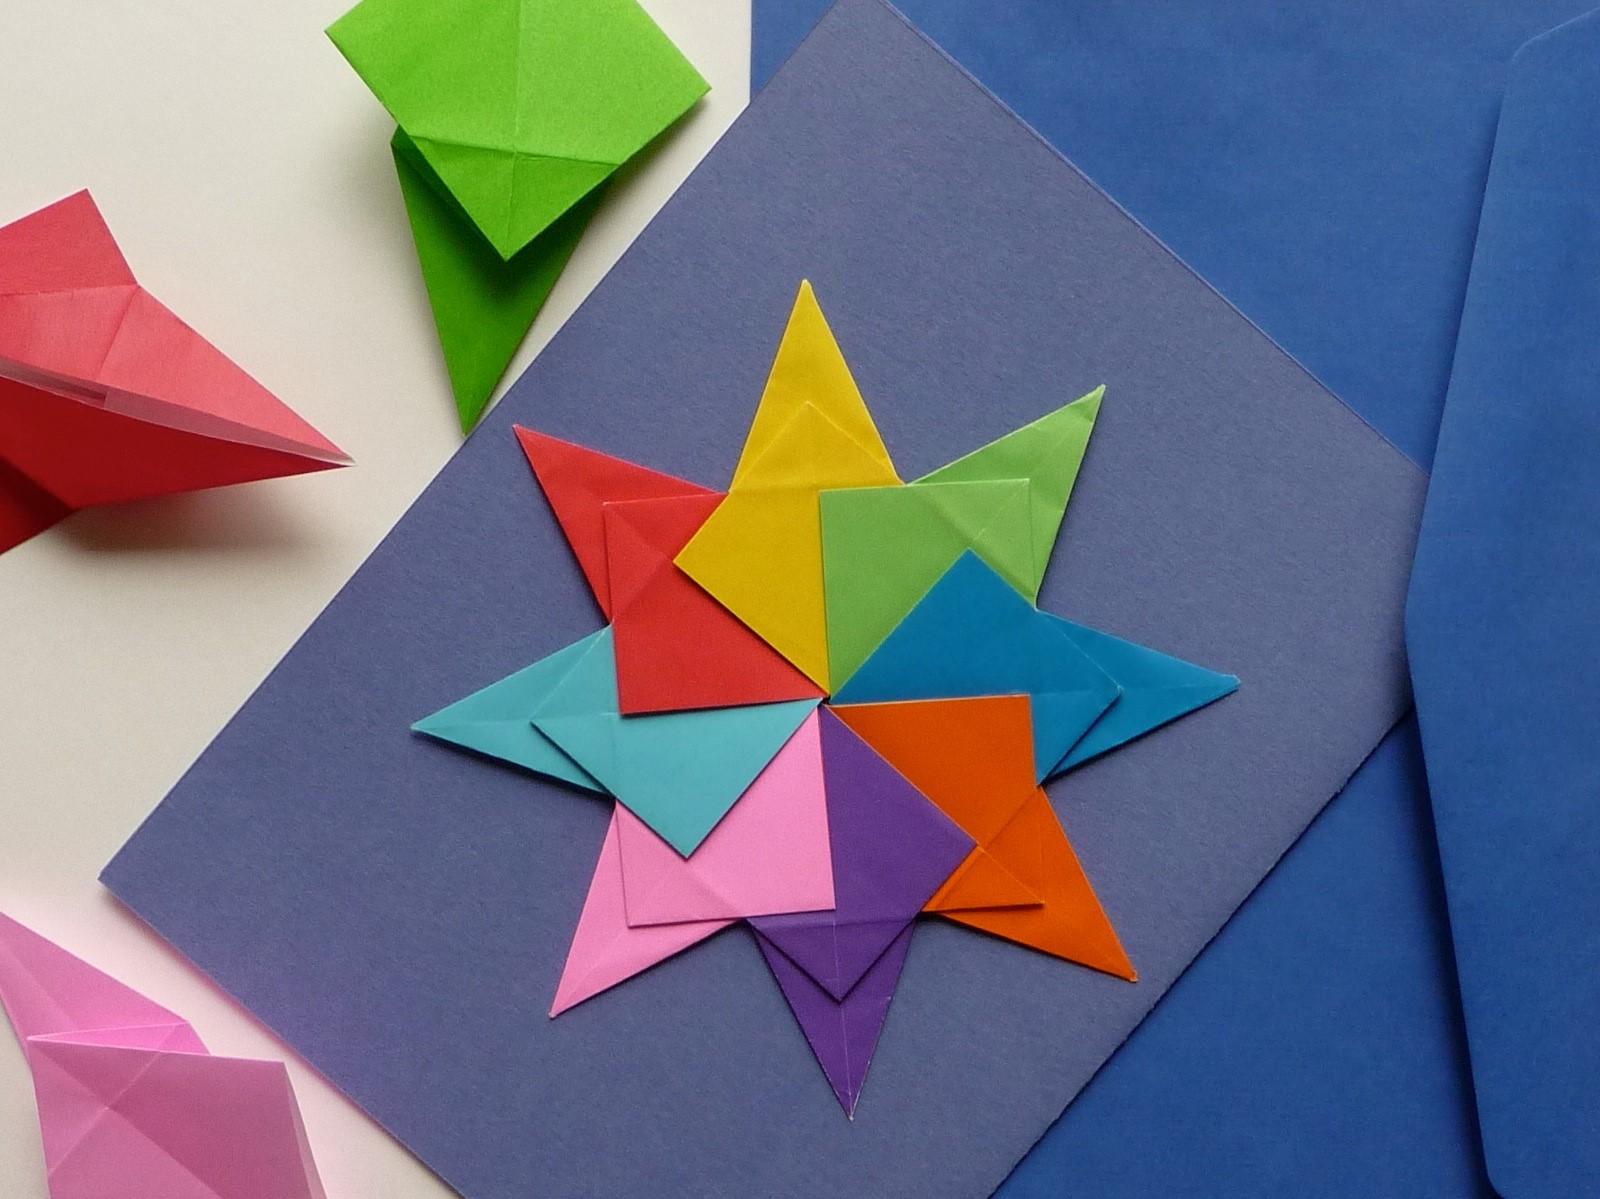 L'origami ne permettait initialement aucune découpe ou collage, mais les normes se sont considérablement assouplies au fil des années.